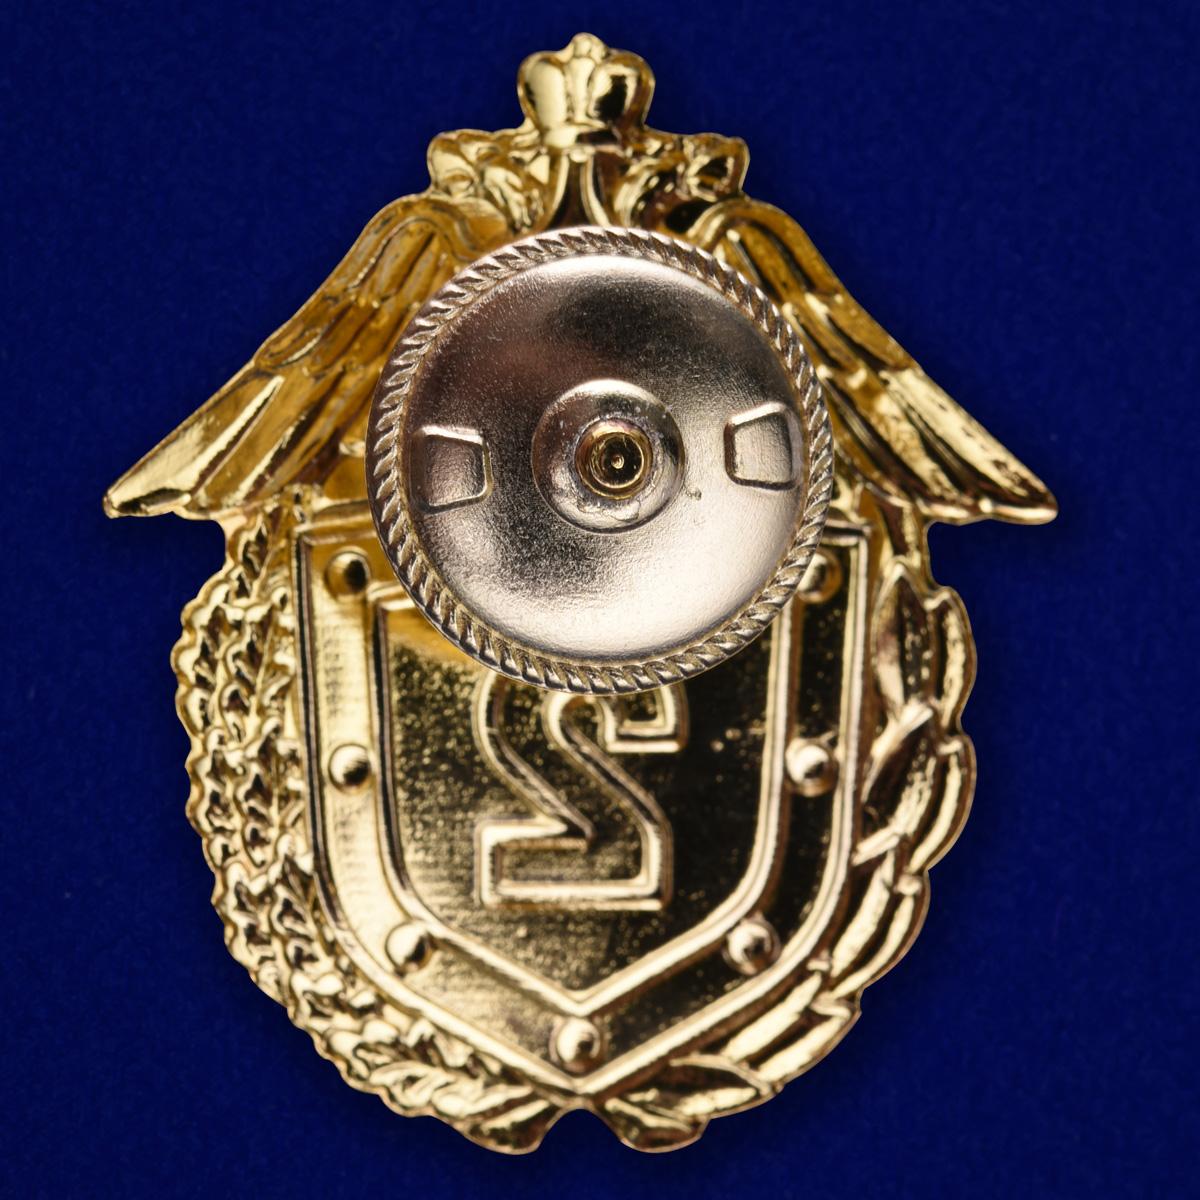 Знак ФПС РФ Классный специалист 2 класс в бархатном футляре - Реверс